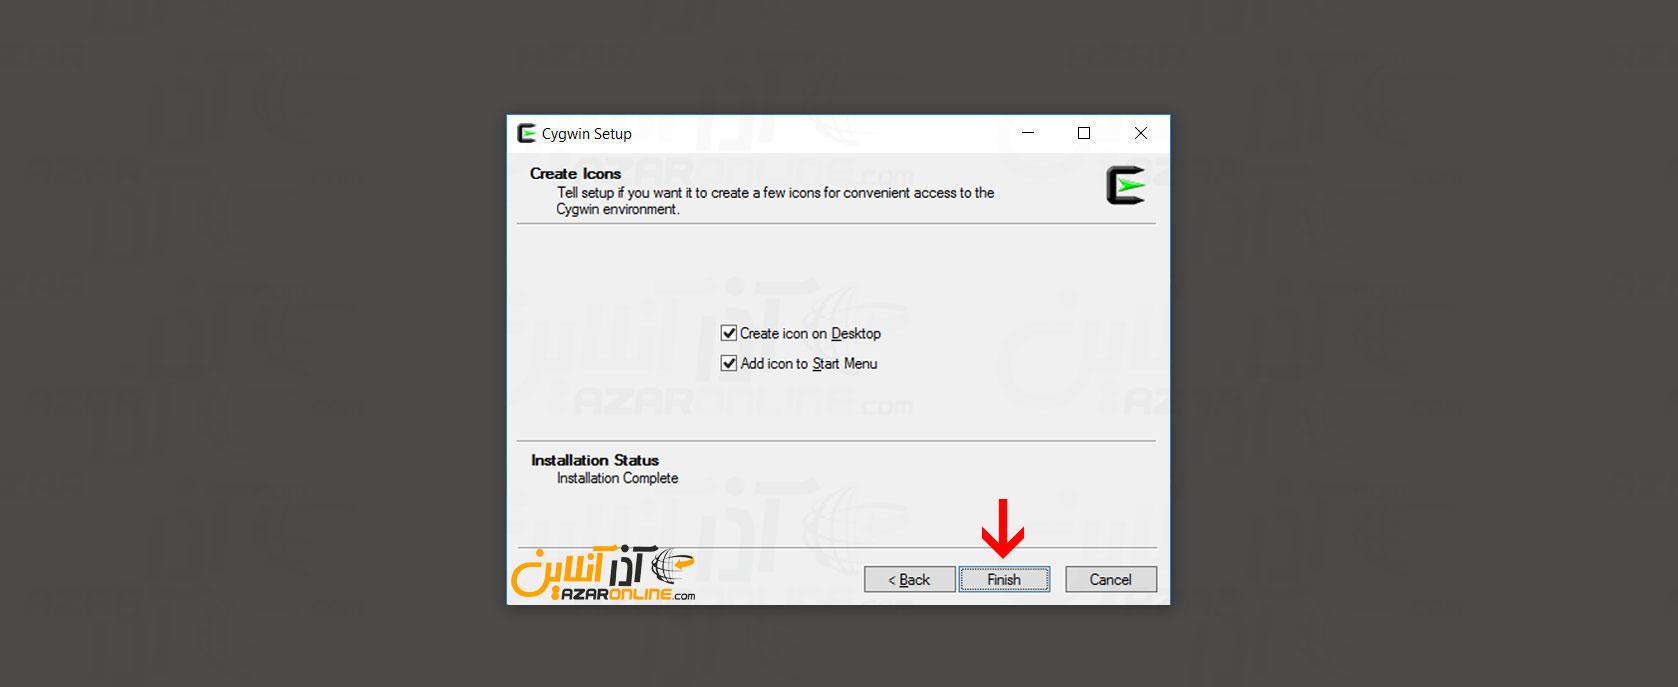 نصب به پایان رسید - آموزش نصب cygwin در ویندوز